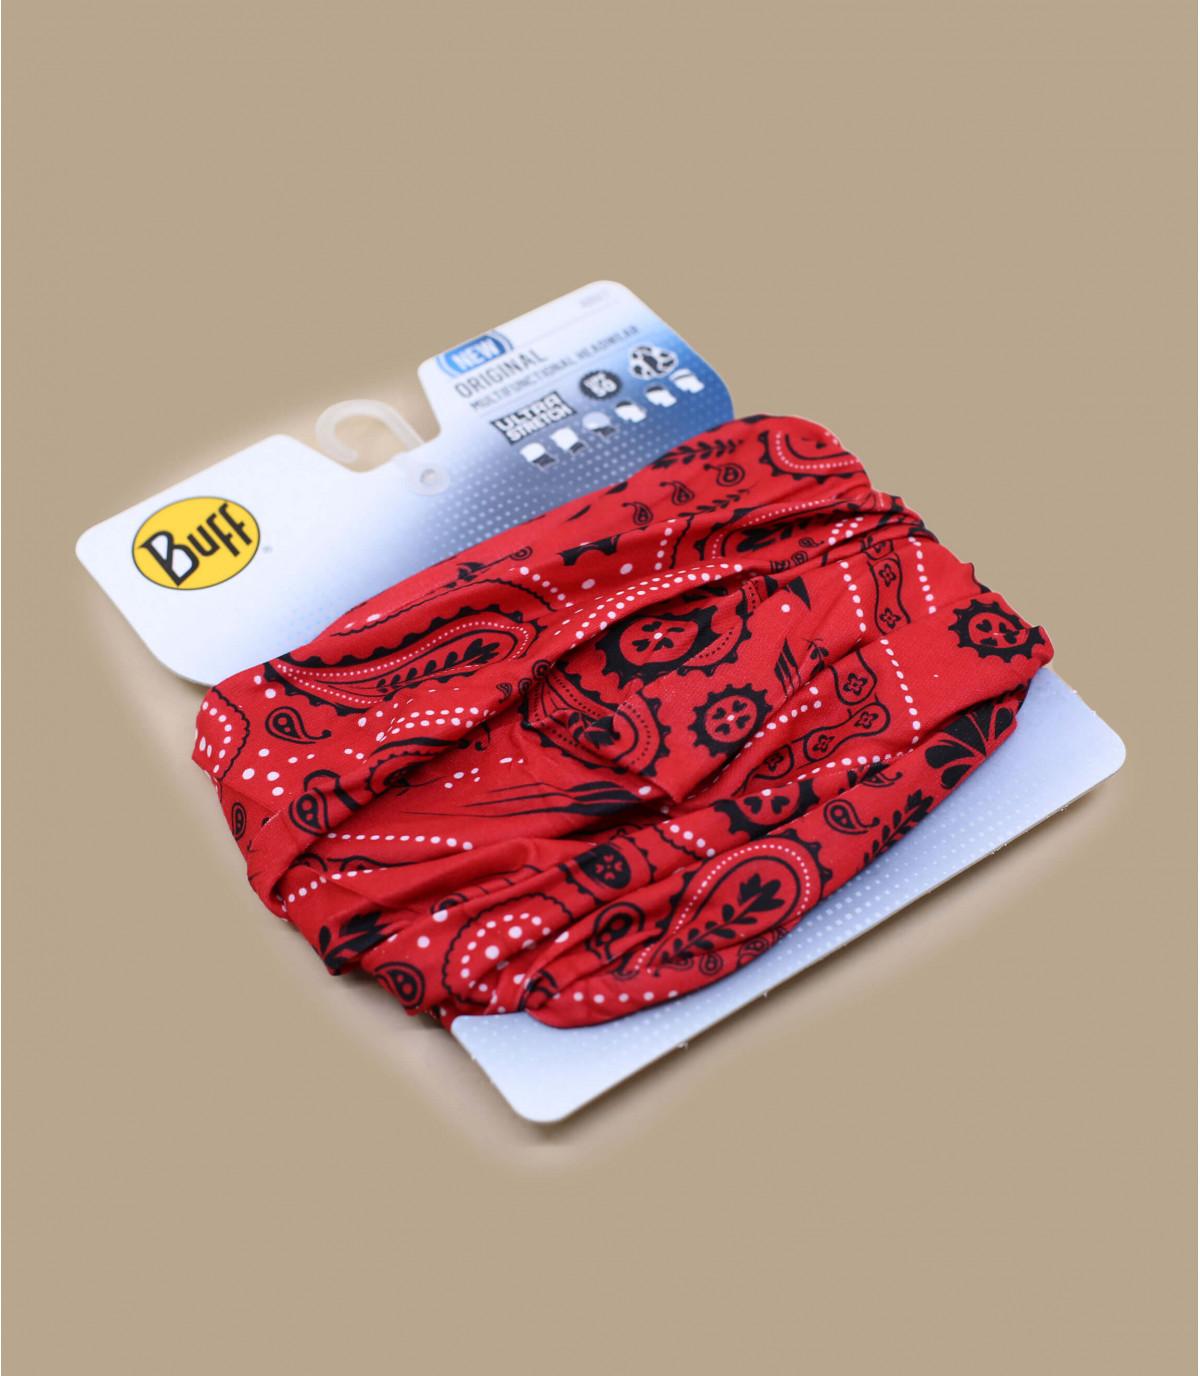 Détails Original Cashmere red - image 2